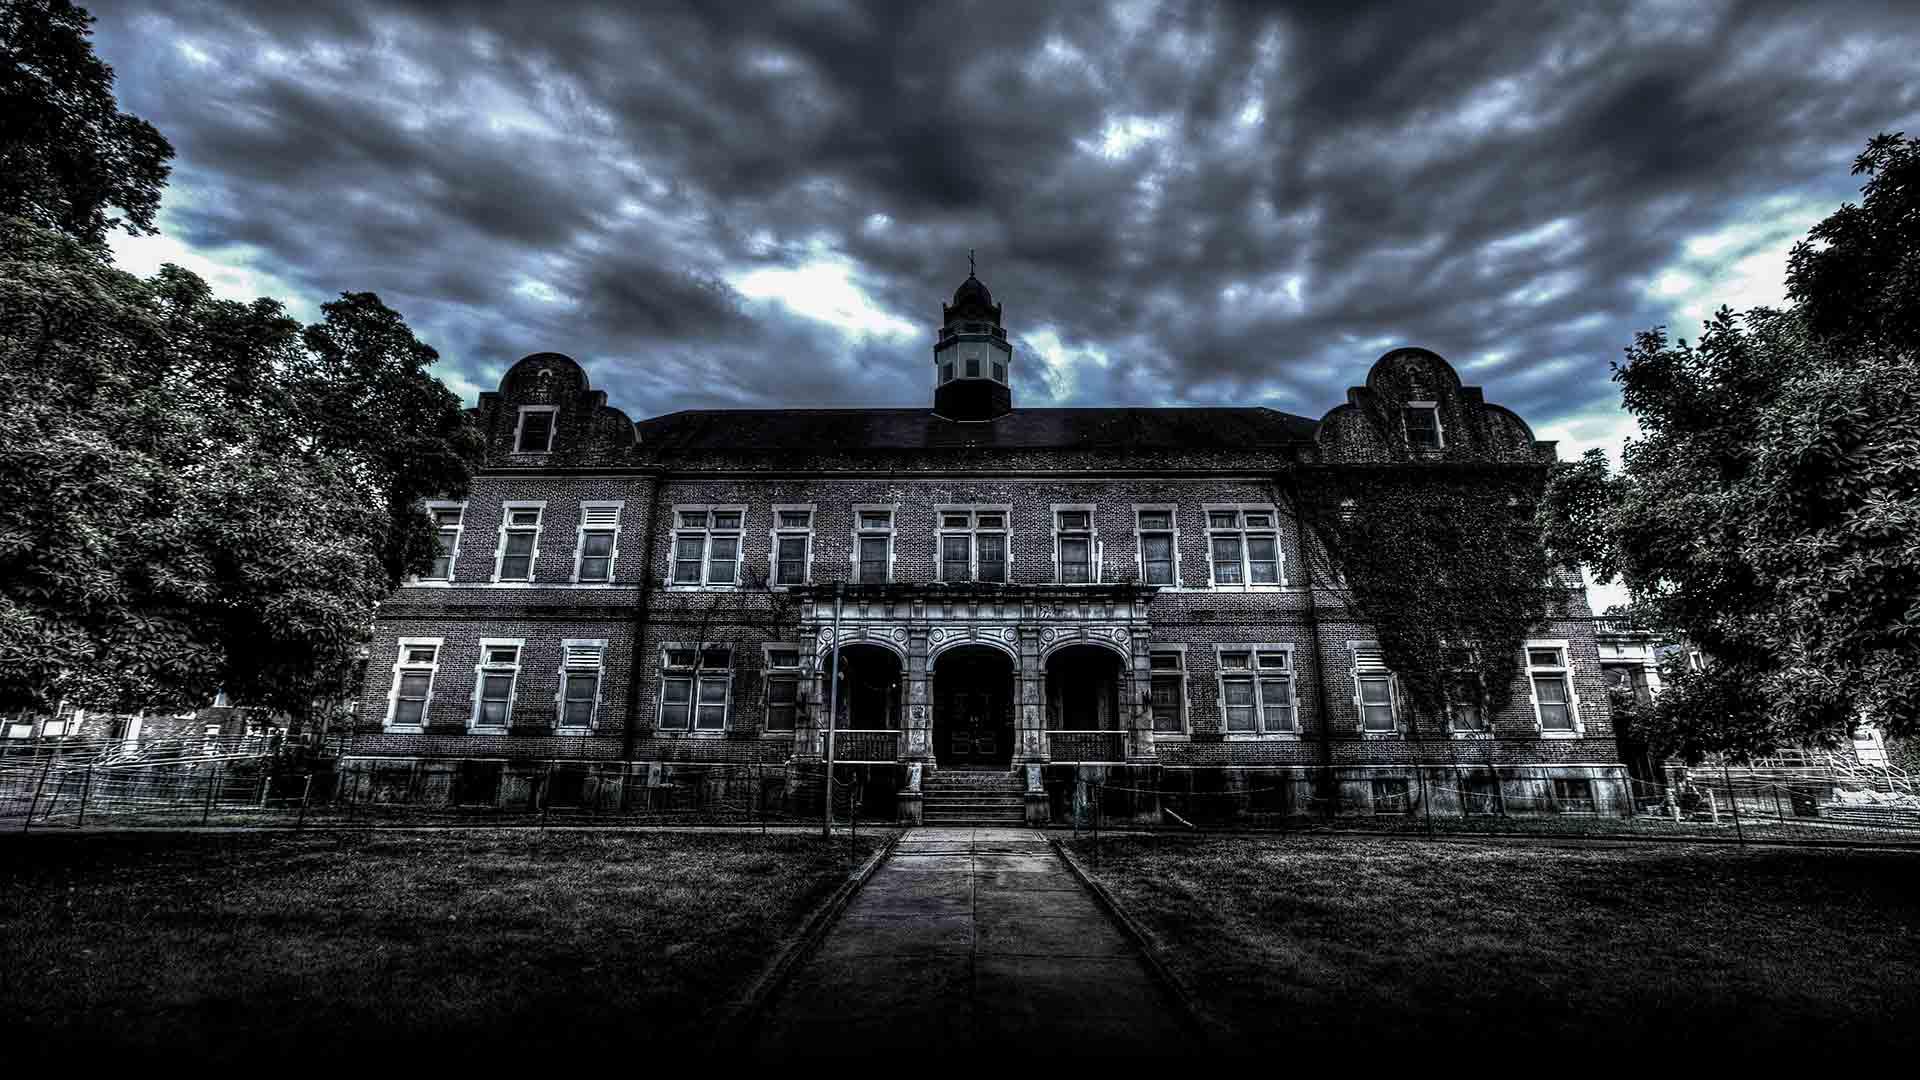 Pennhurst Asylum.